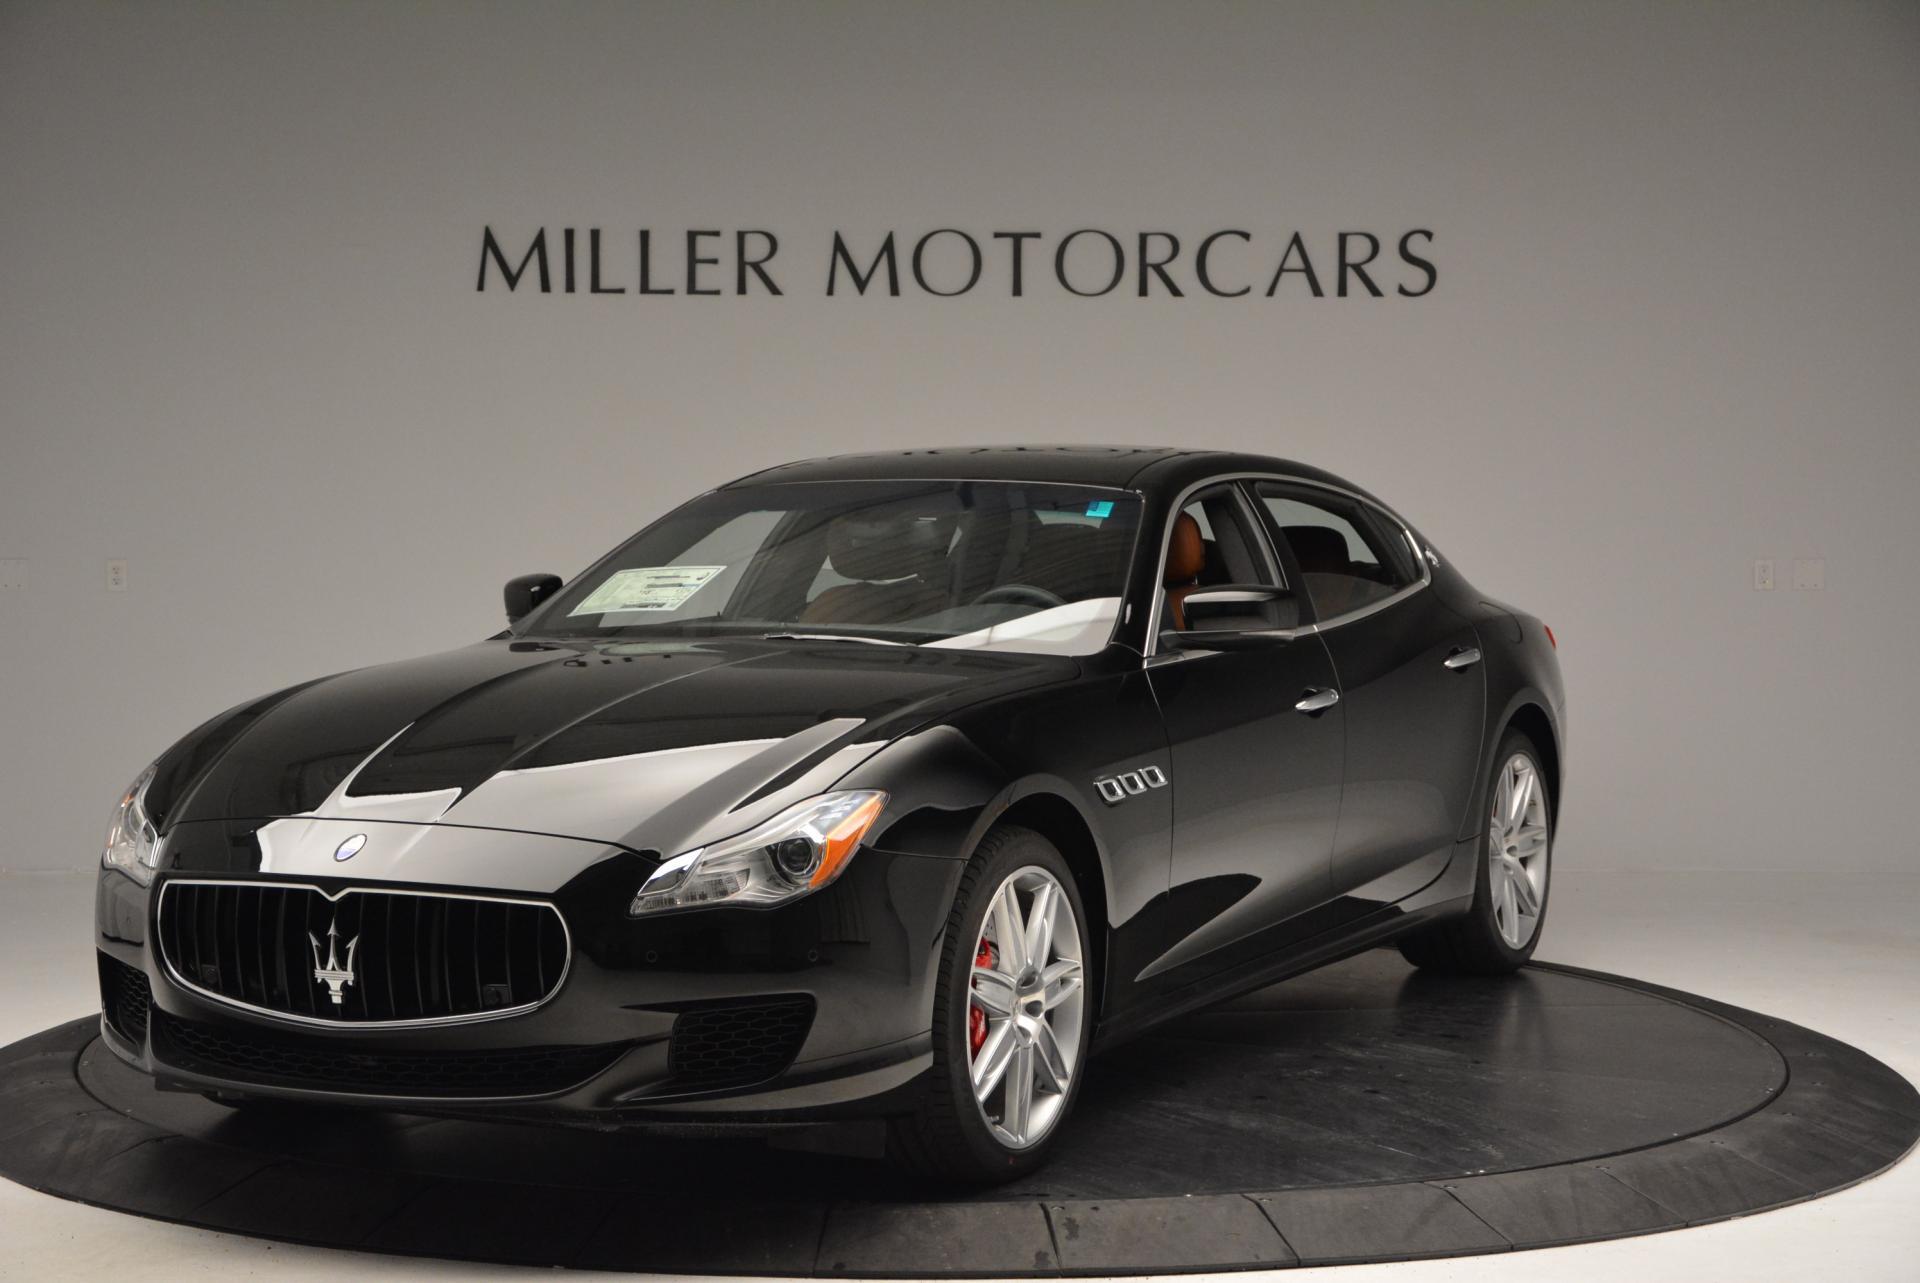 New 2016 Maserati Quattroporte S Q4 For Sale In Greenwich, CT 181_main